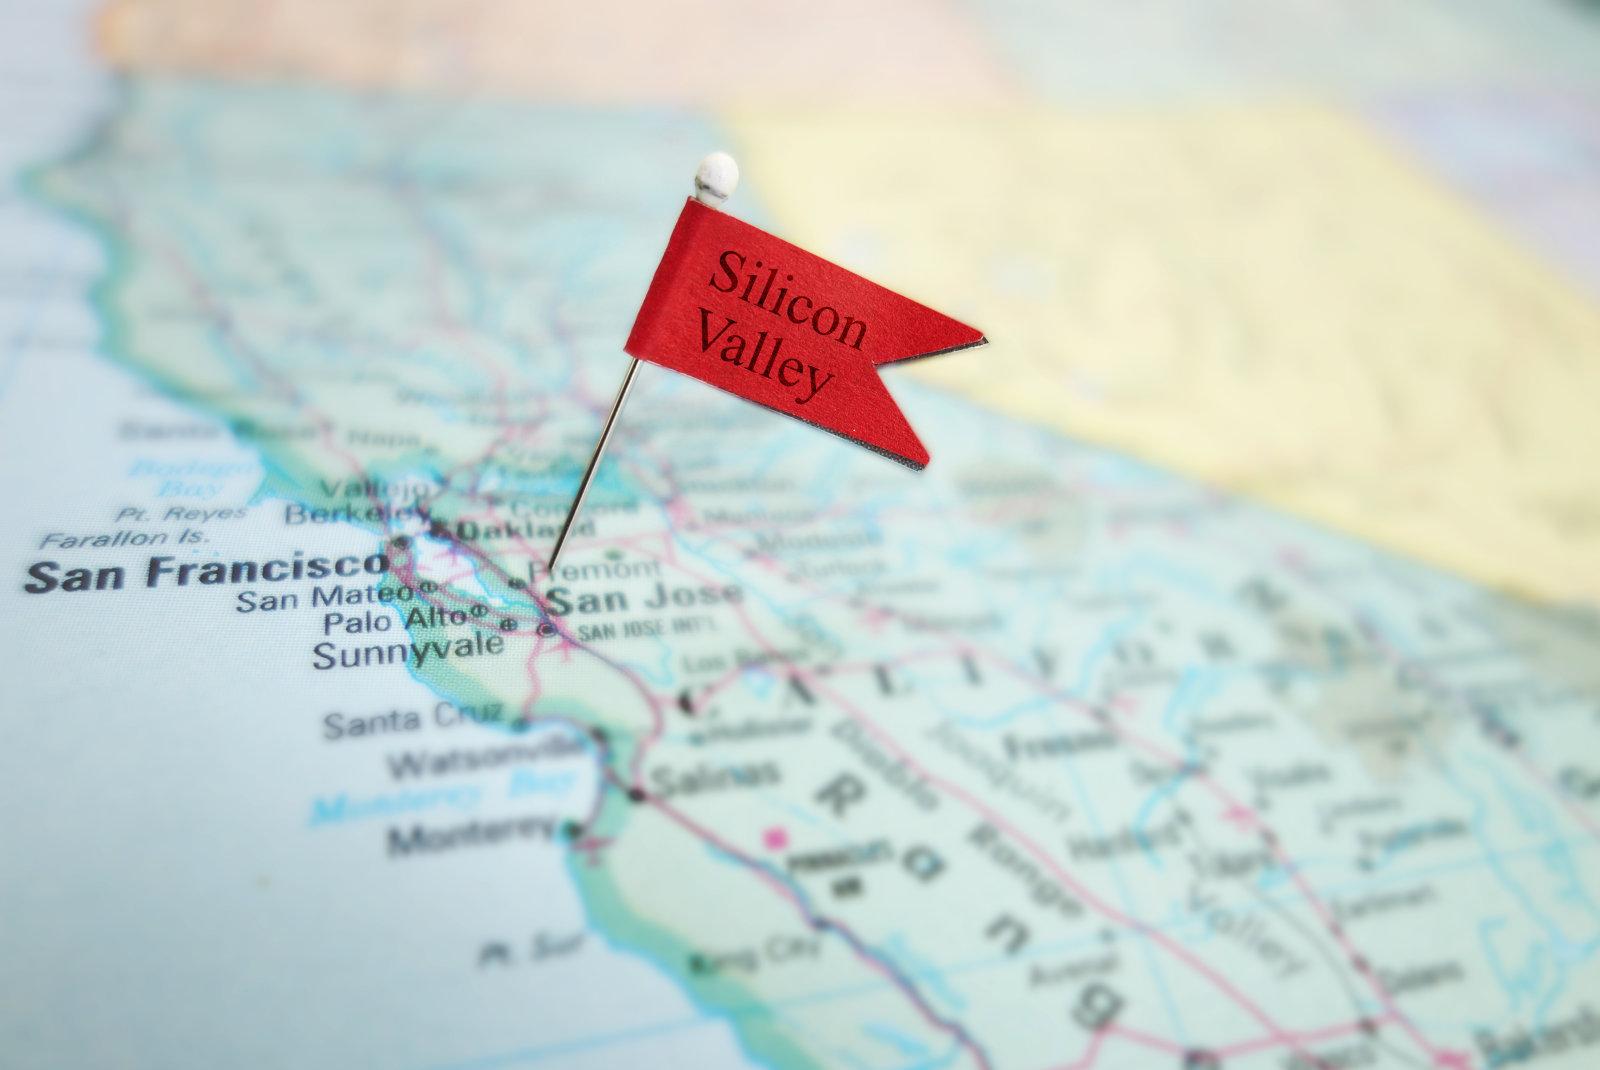 Silicon Valley pin flag